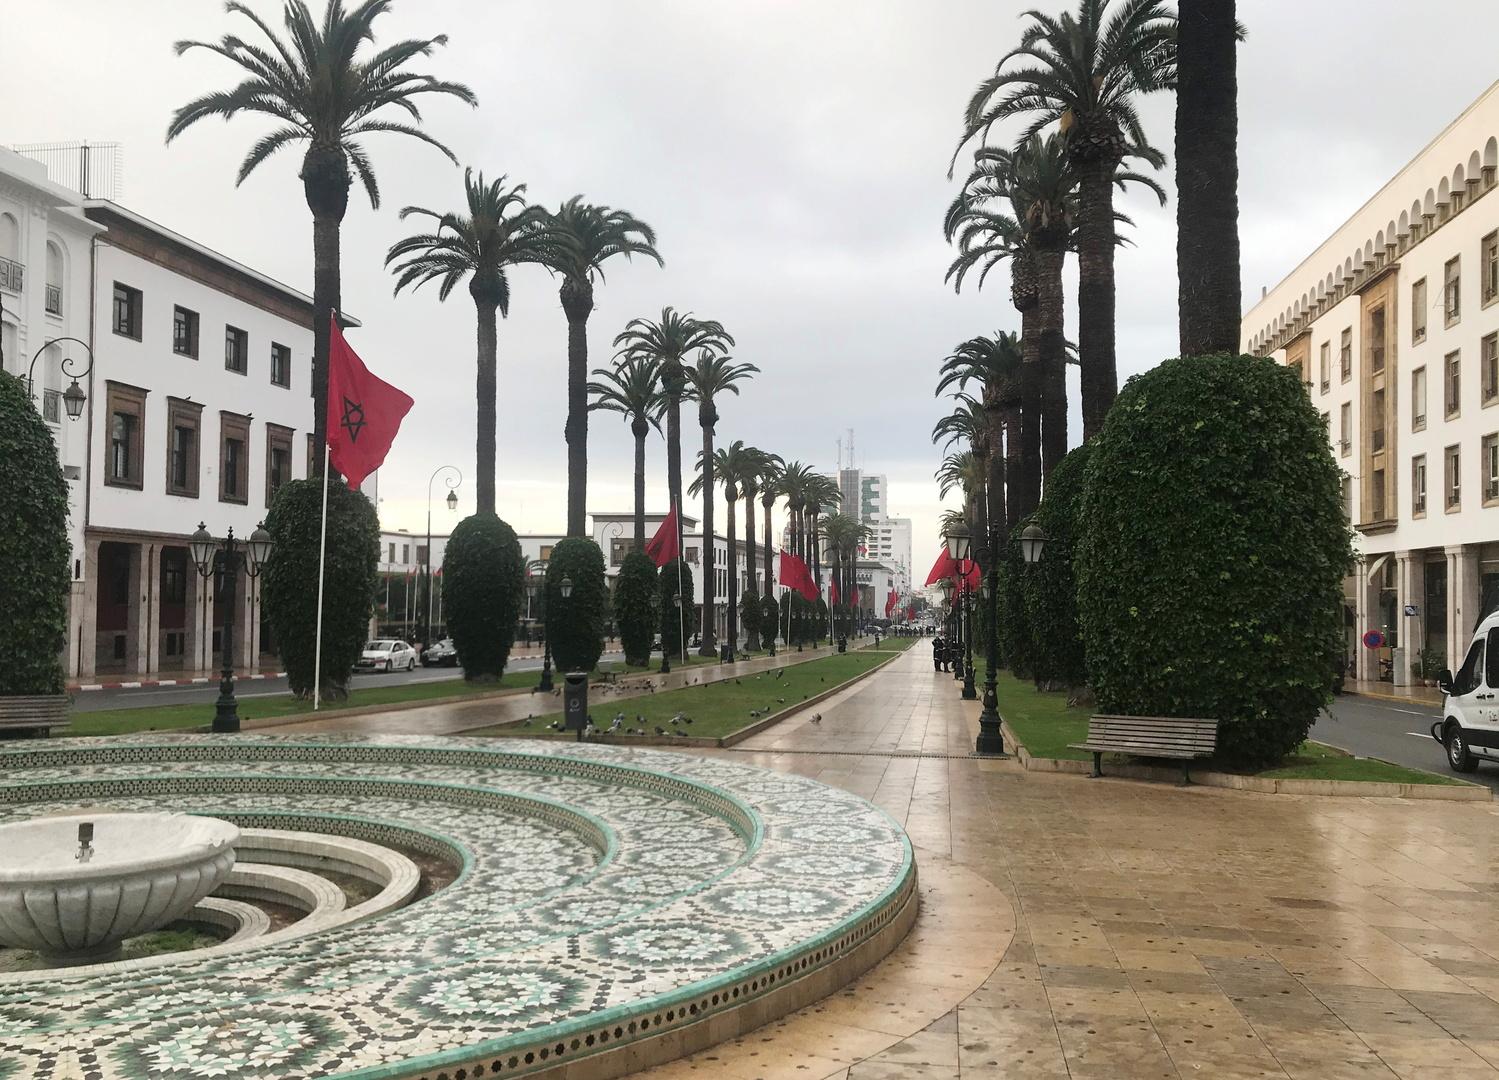 المغرب.. إضراب وطني للممرضين تزامنا مع وفاة ممرضة بعدوى كورونا